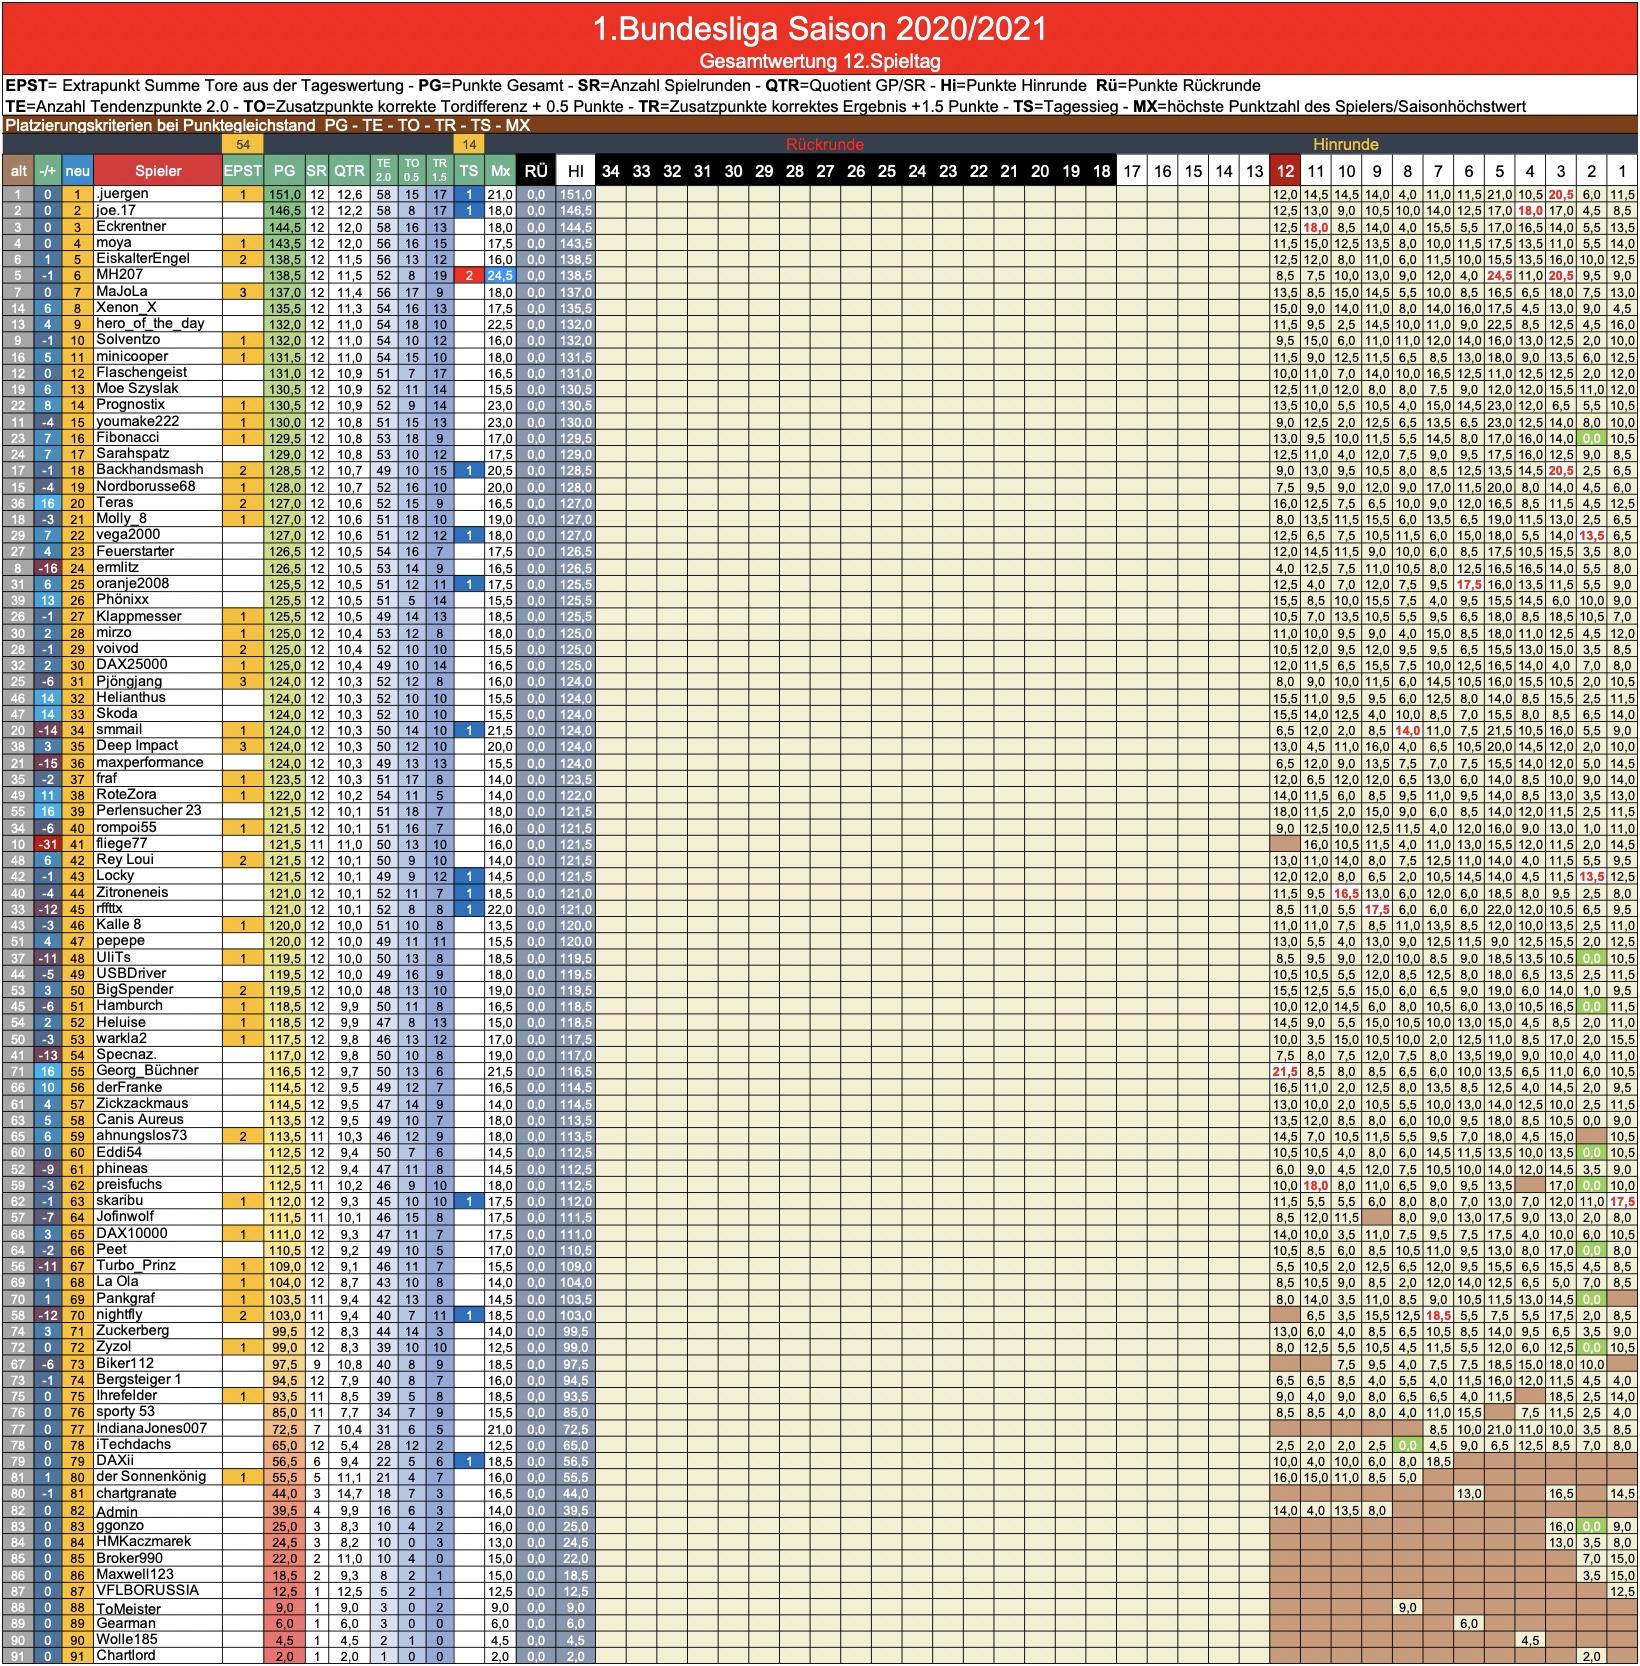 bildschirmfoto_2020-12-16_um_23.jpg